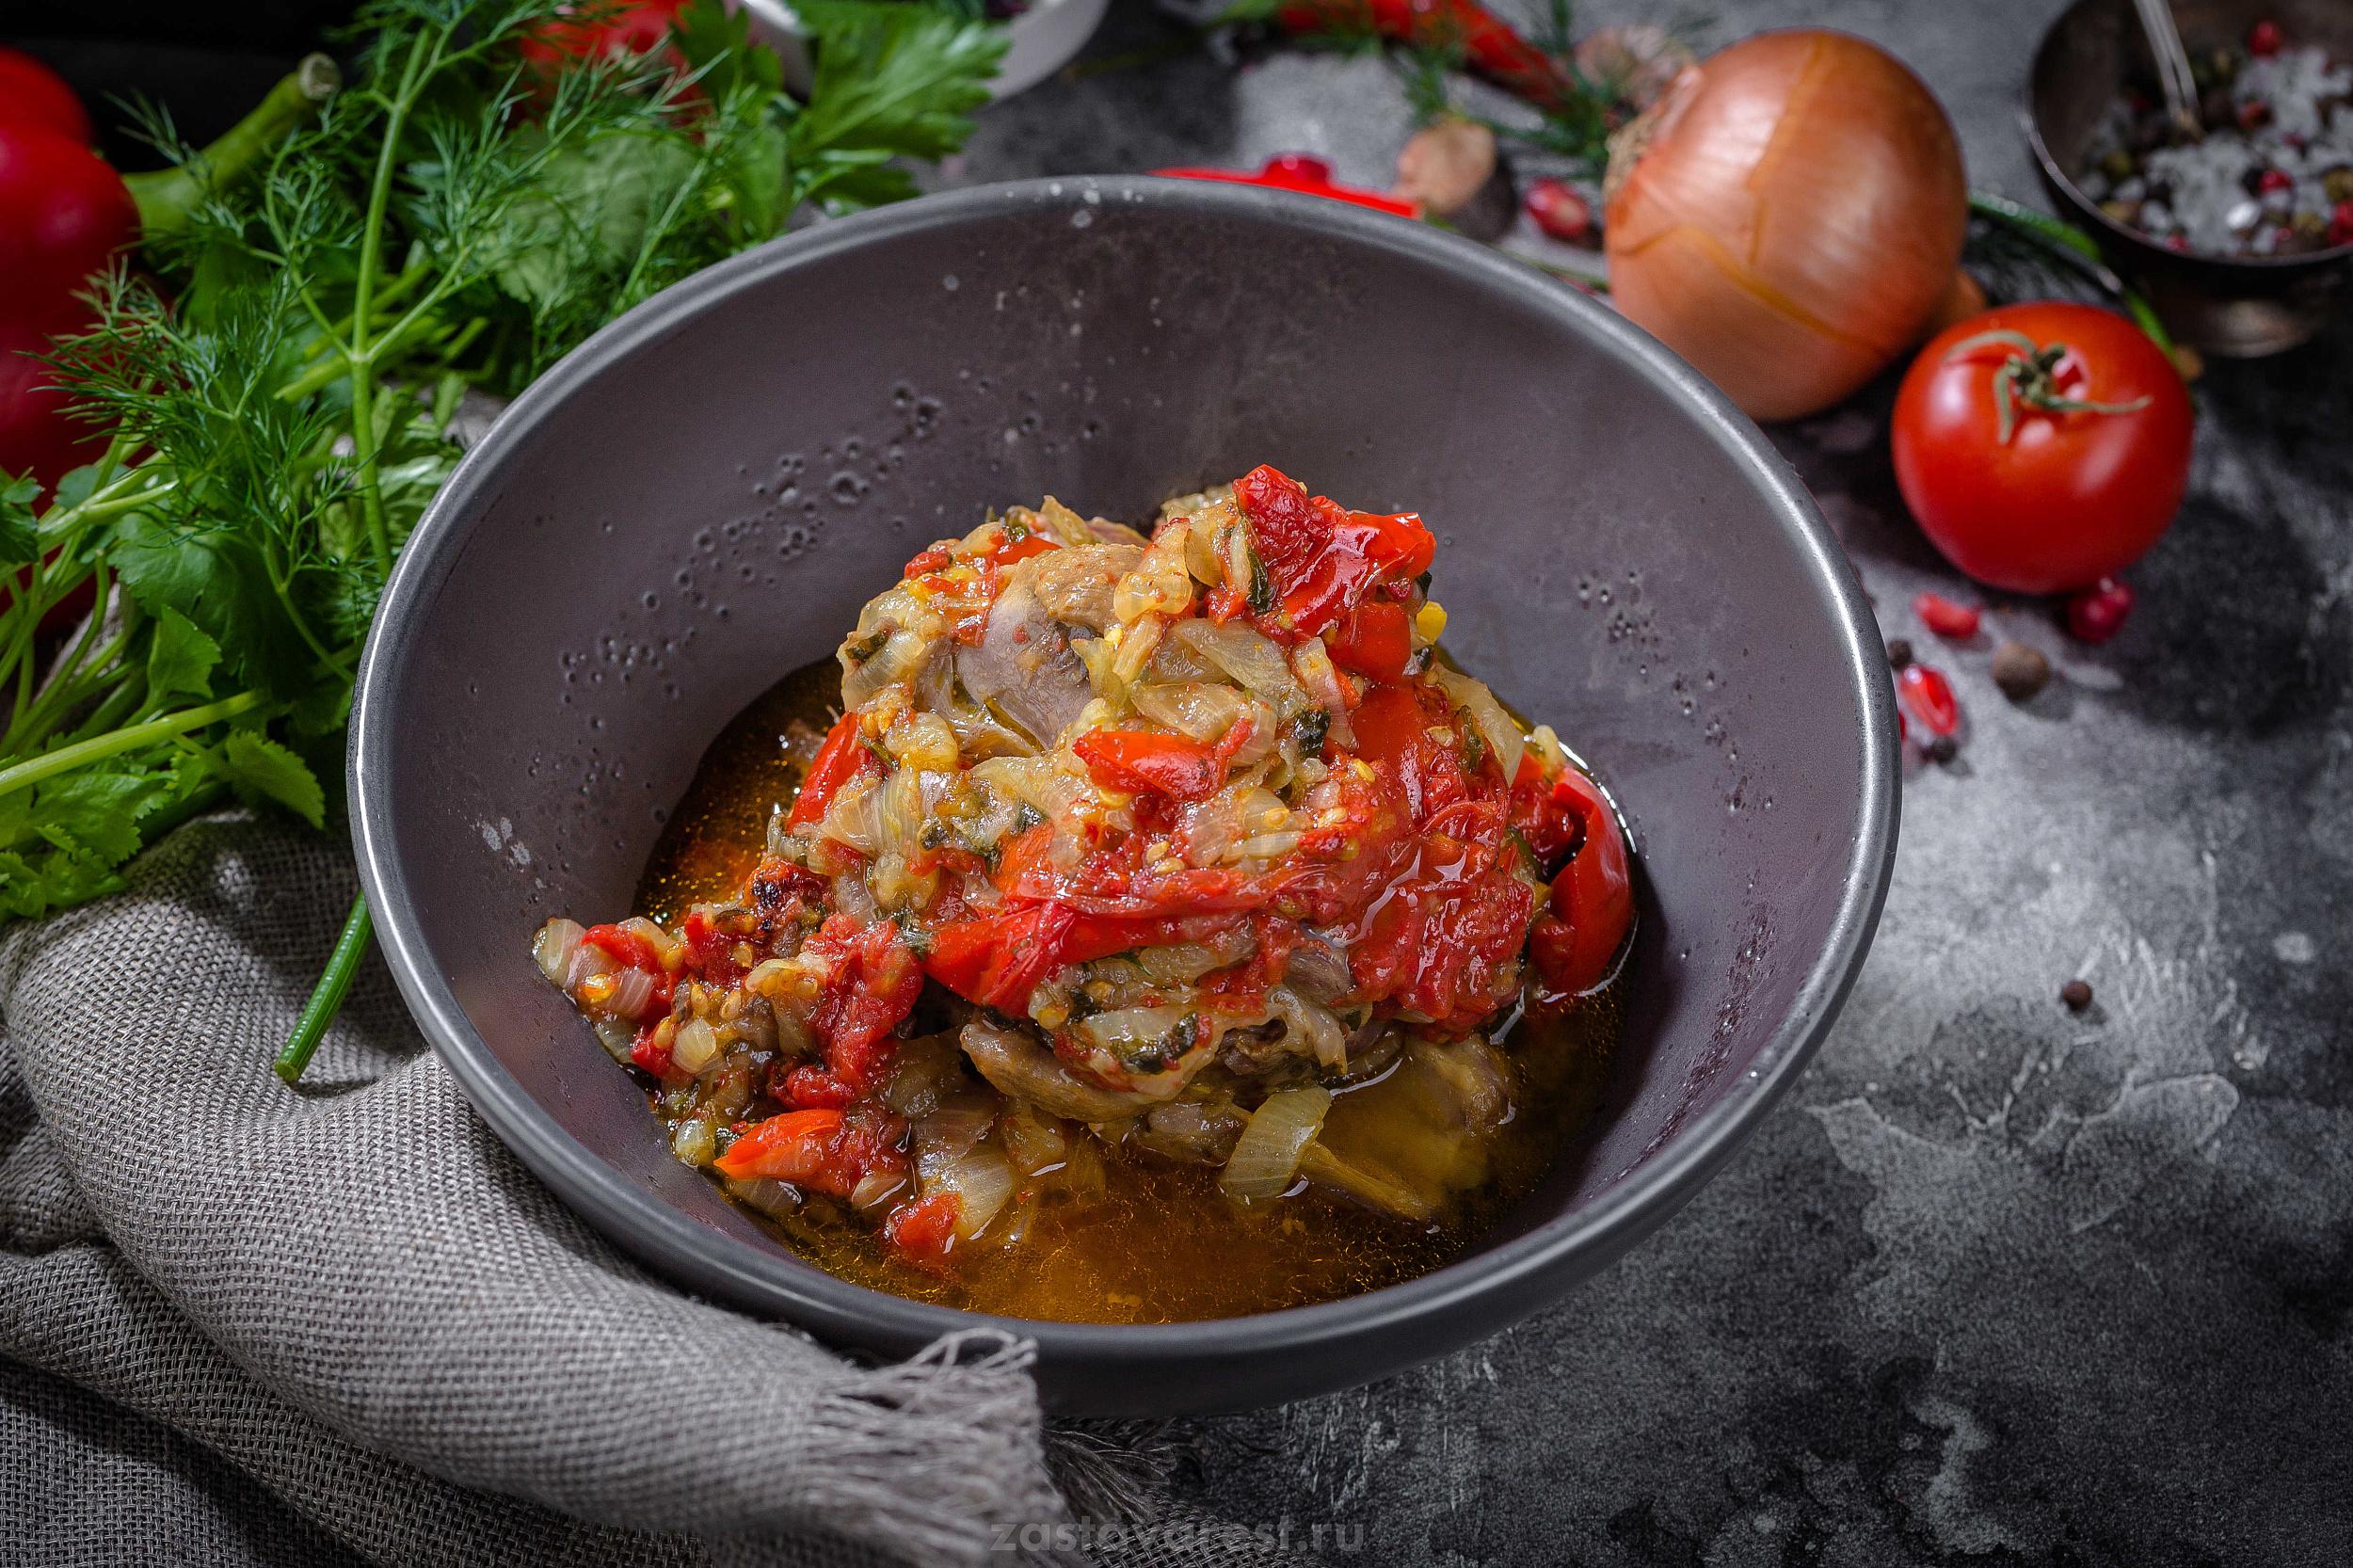 тушеные овощи по армянски фото